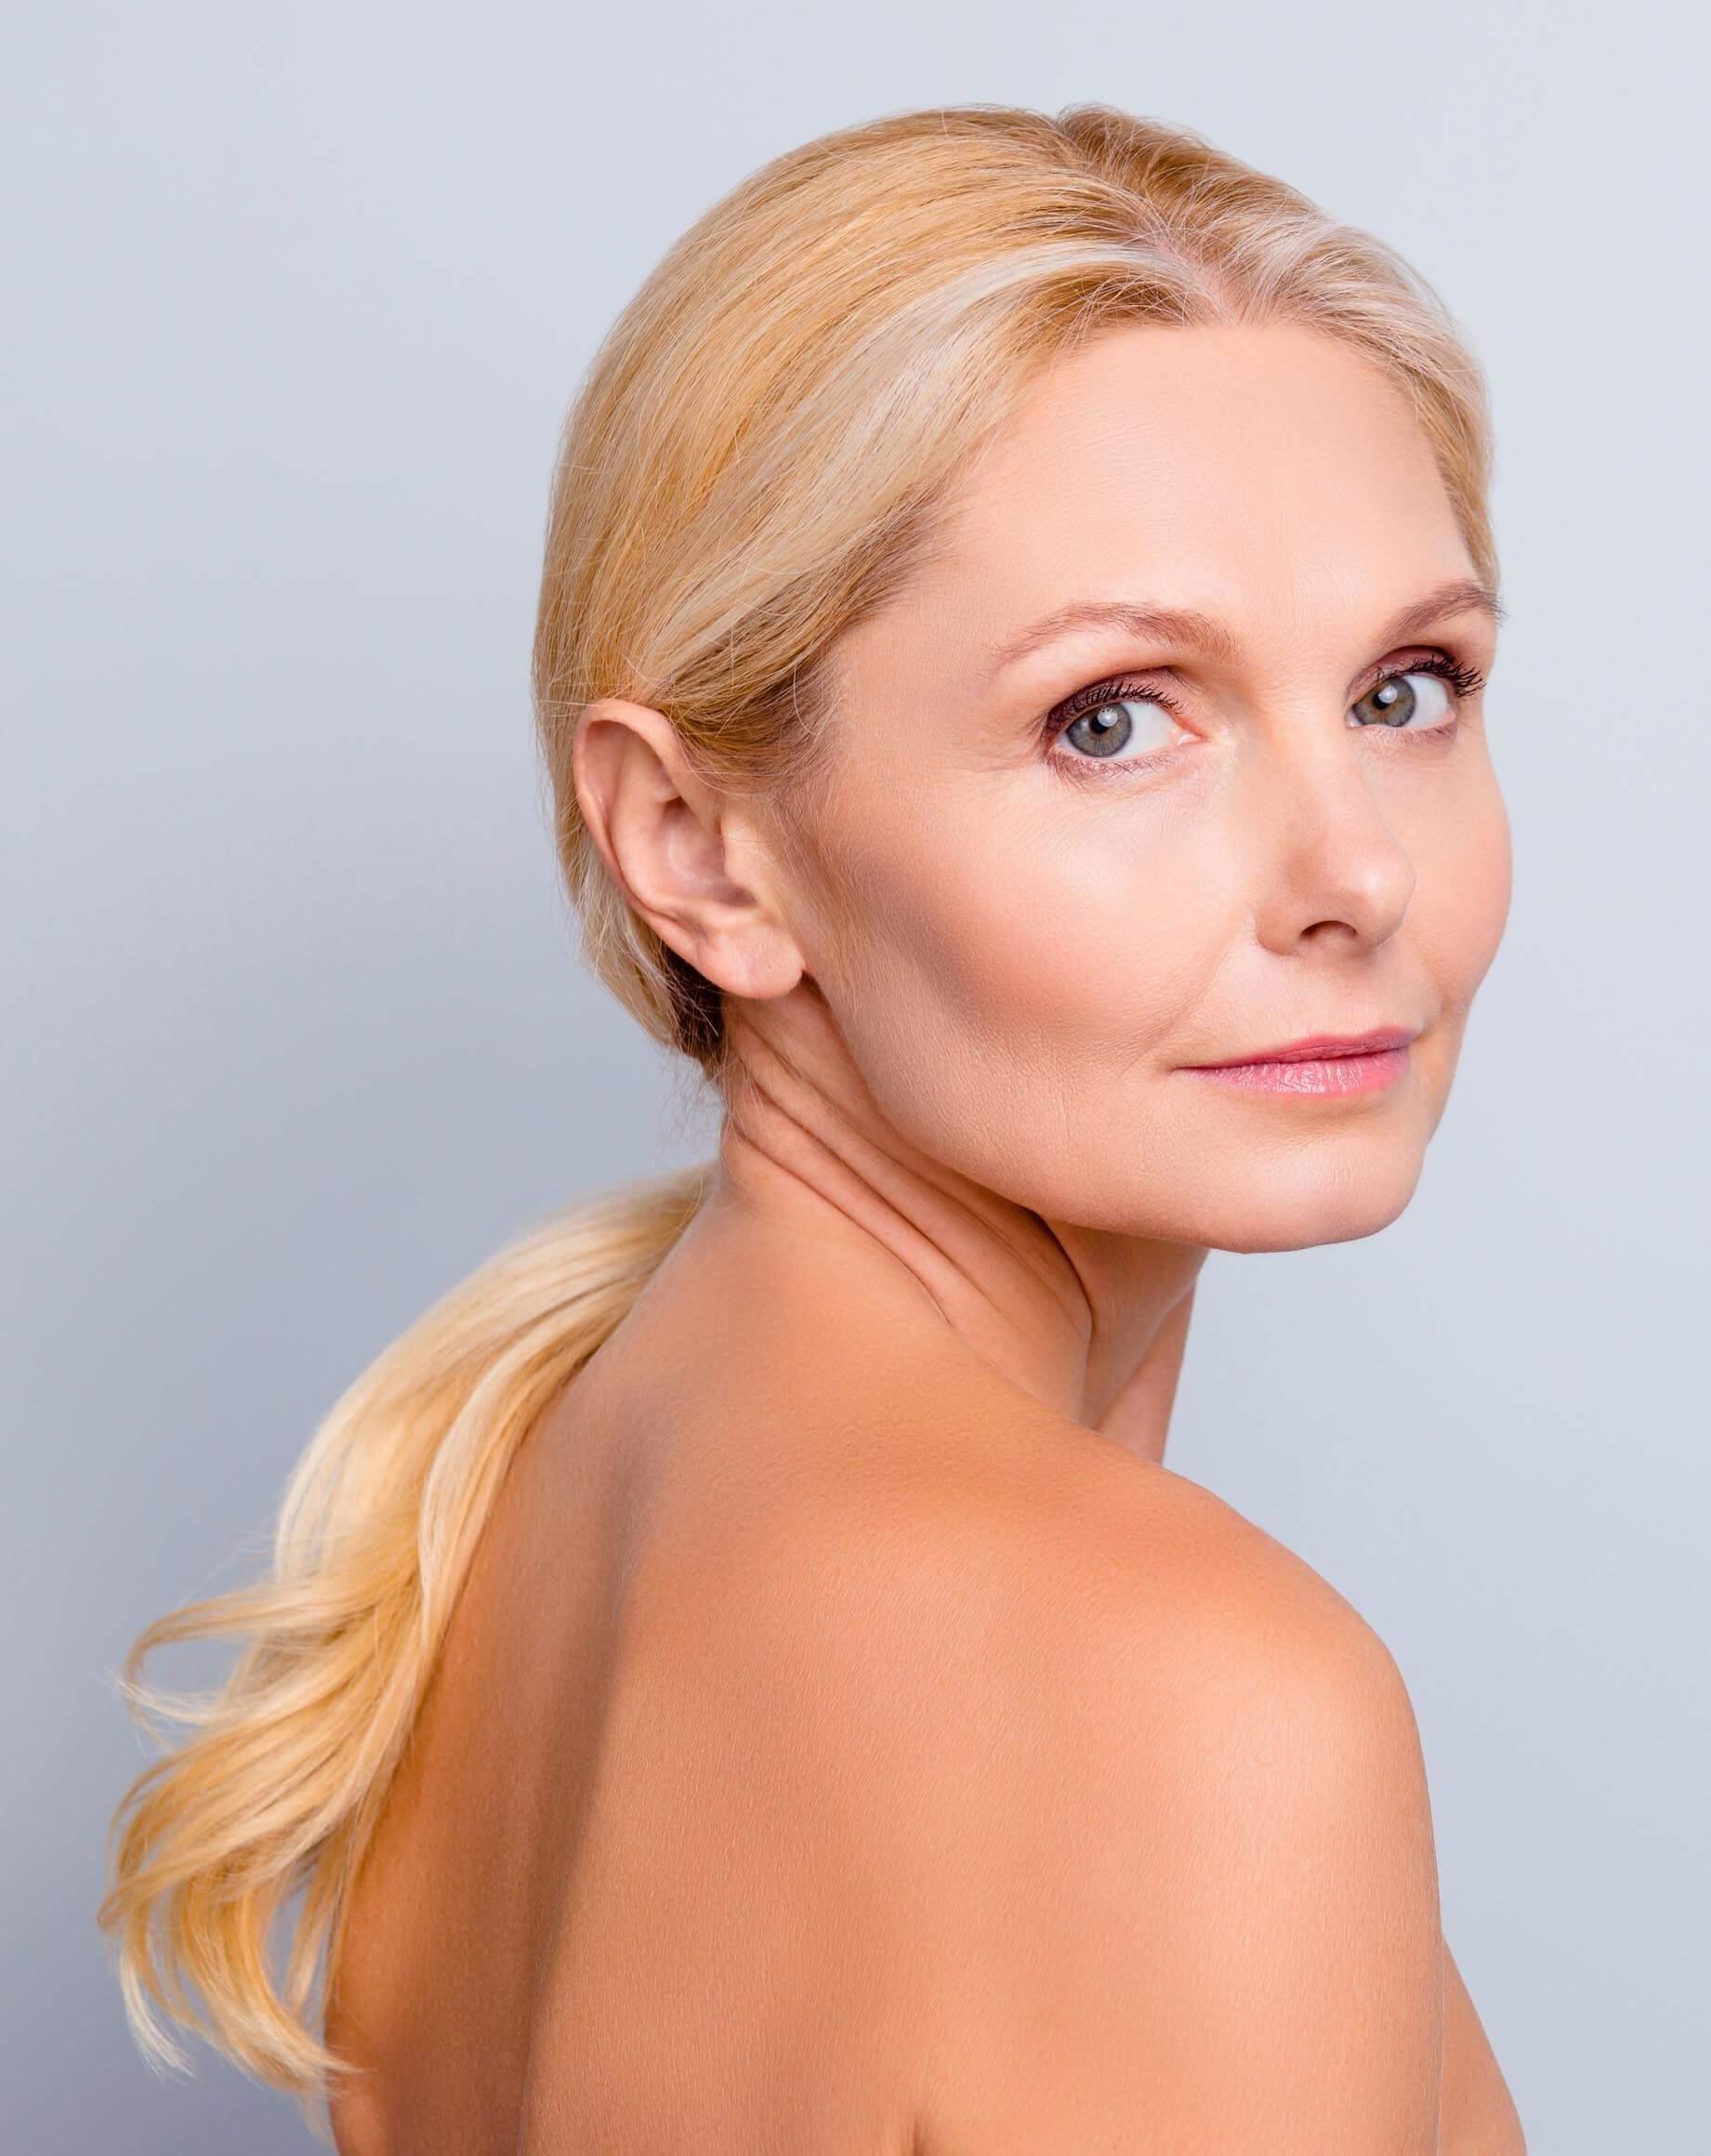 Pretty Woman Skin